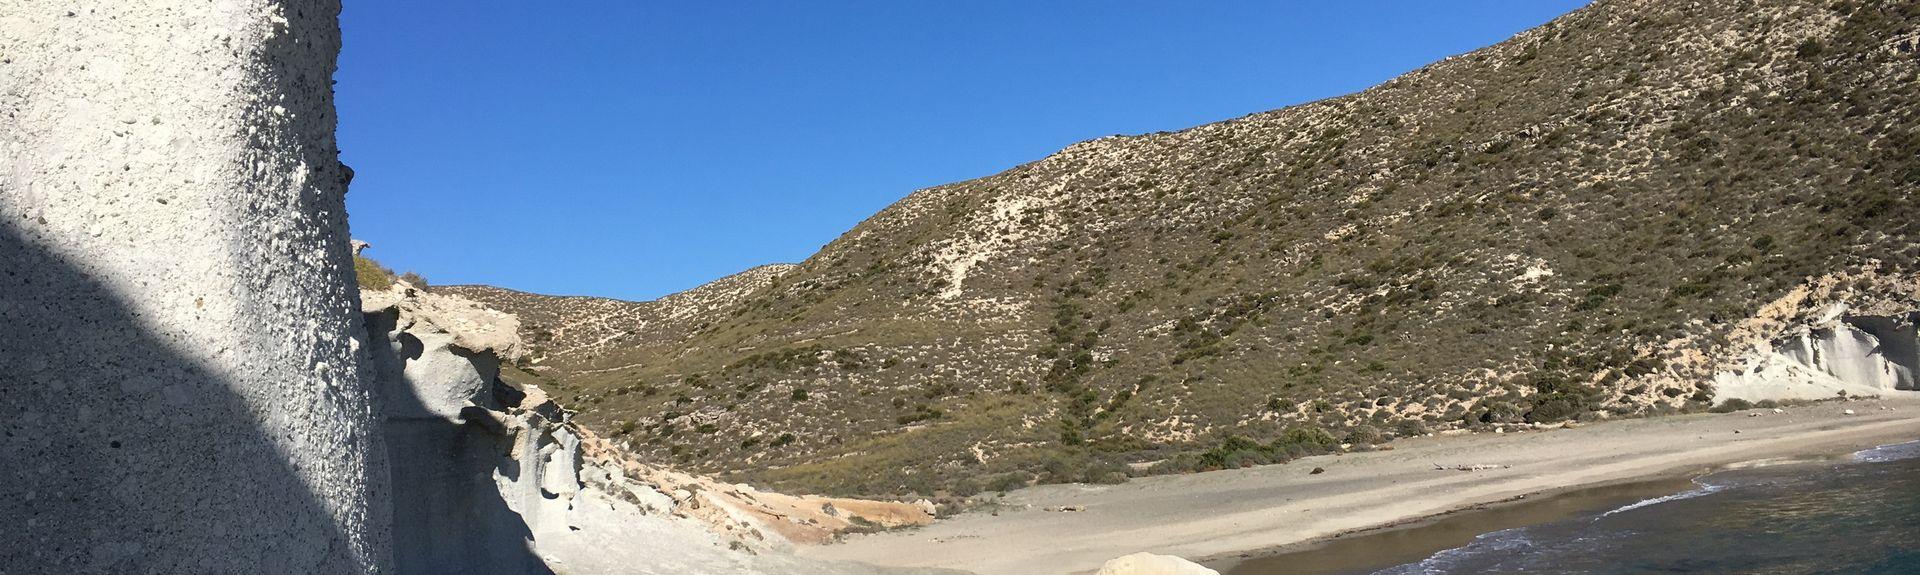 La Isleta del Moro, Almería, Spain